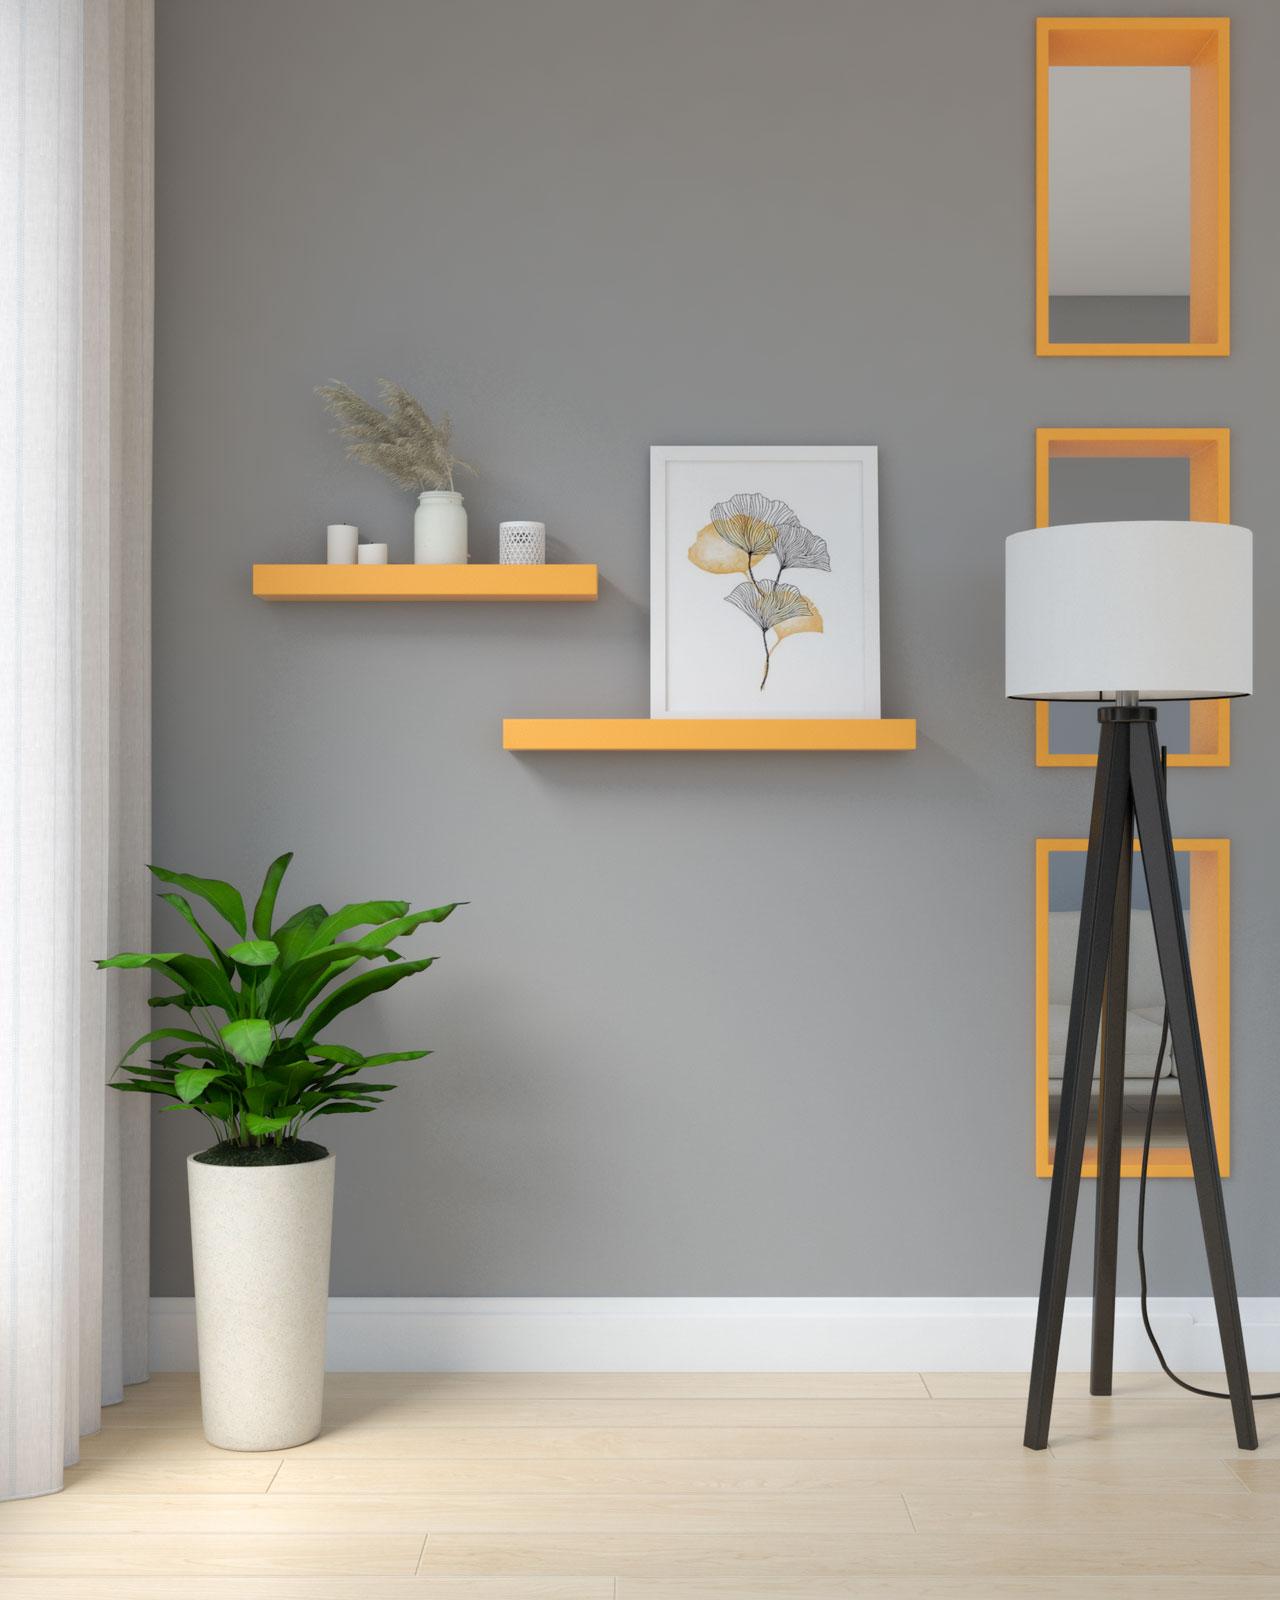 Tangerine shelves on gray wall